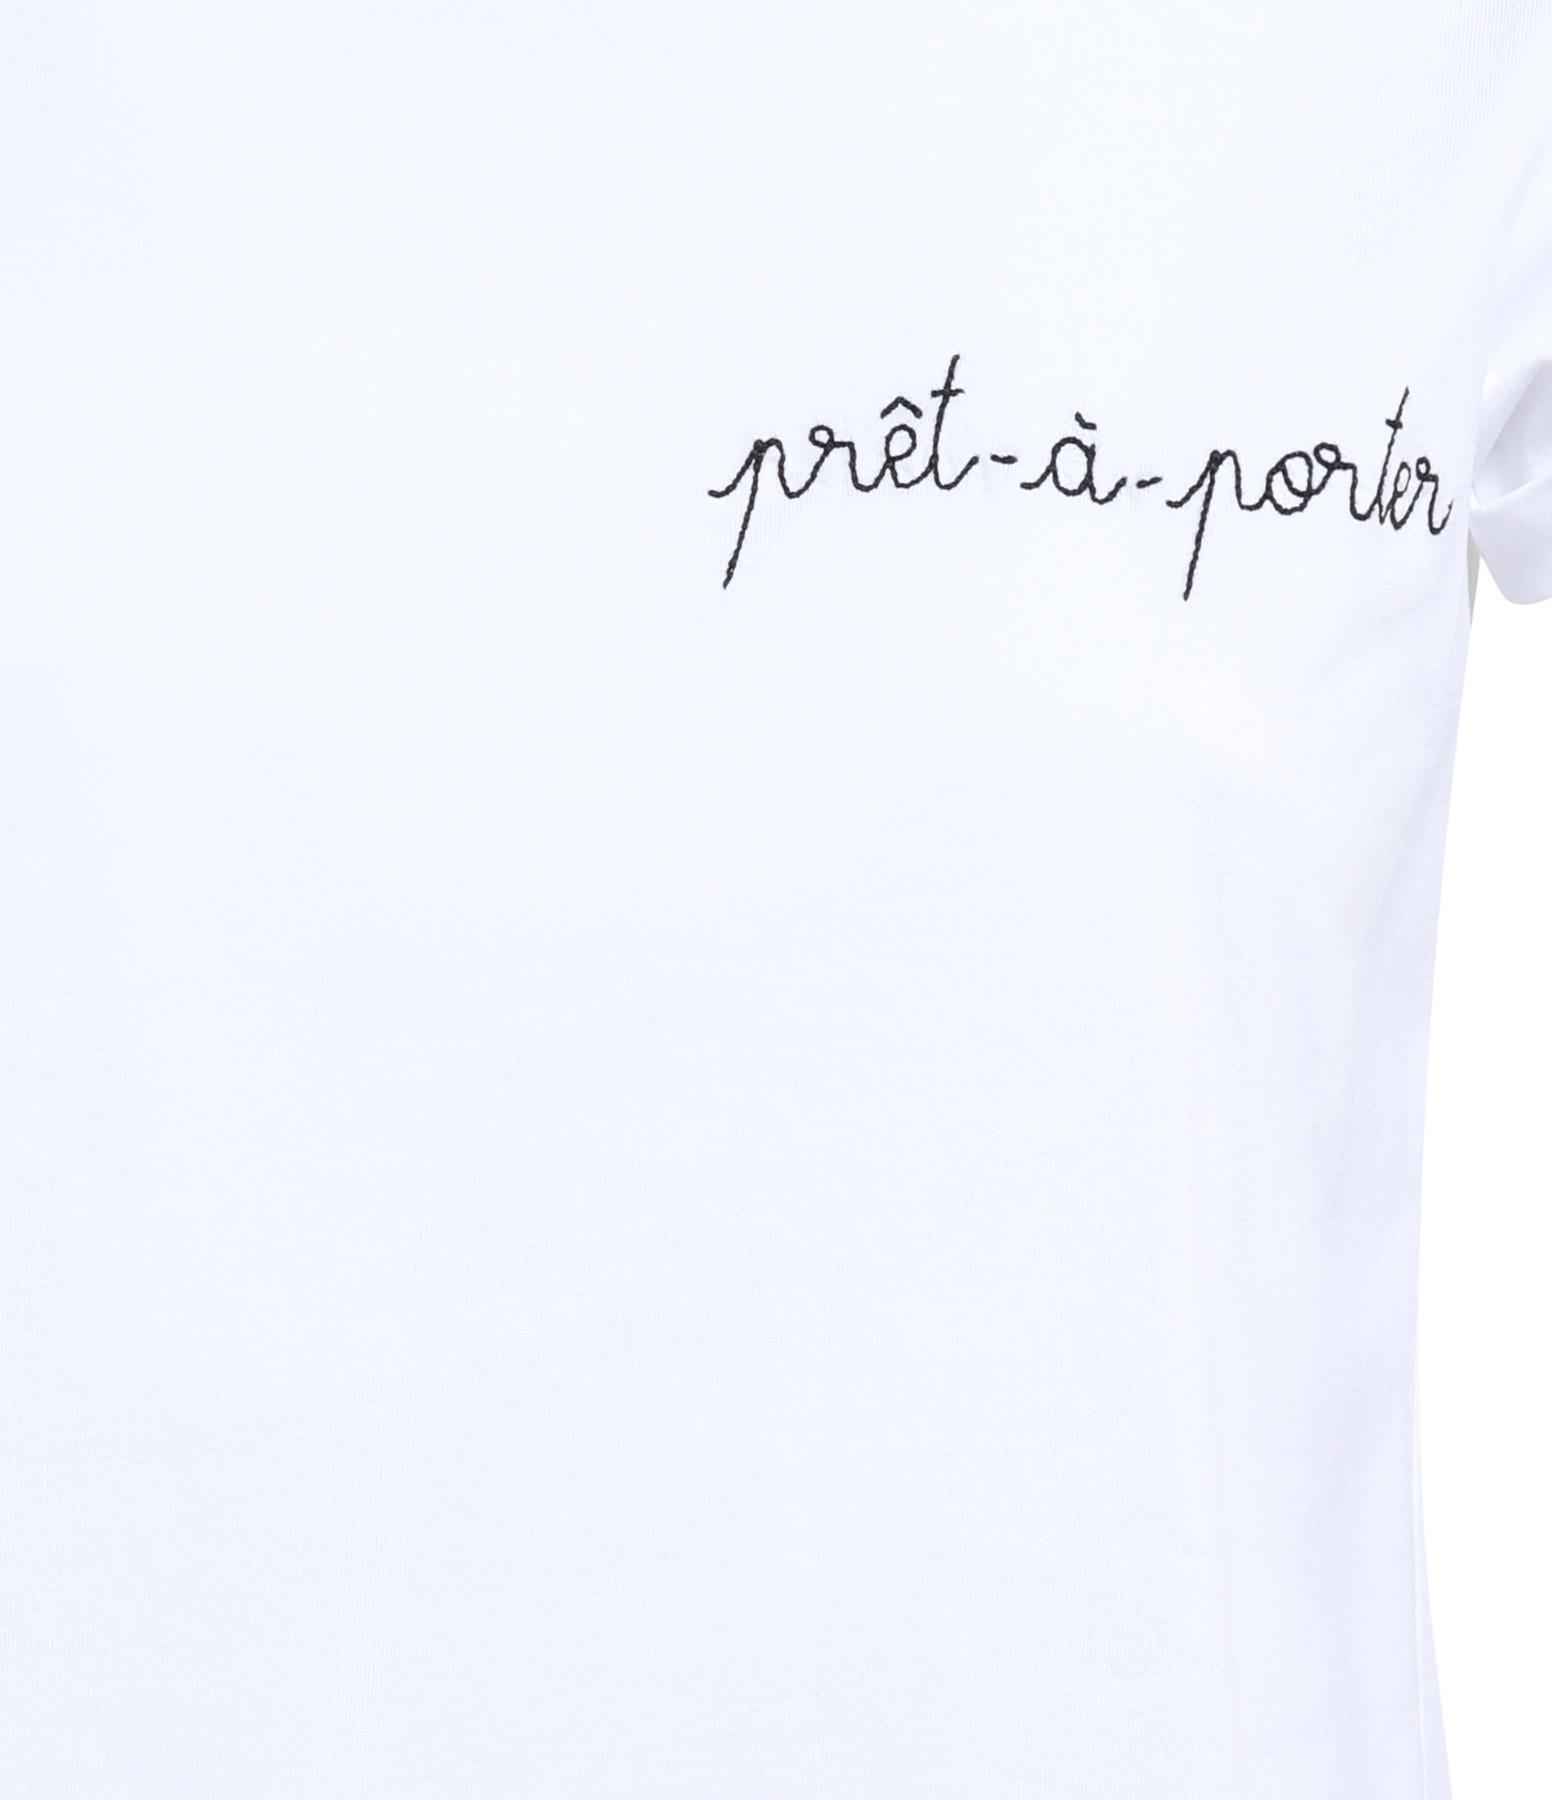 MAISON LABICHE - Tee-shirt Pret à Porter Coton Blanc Noir